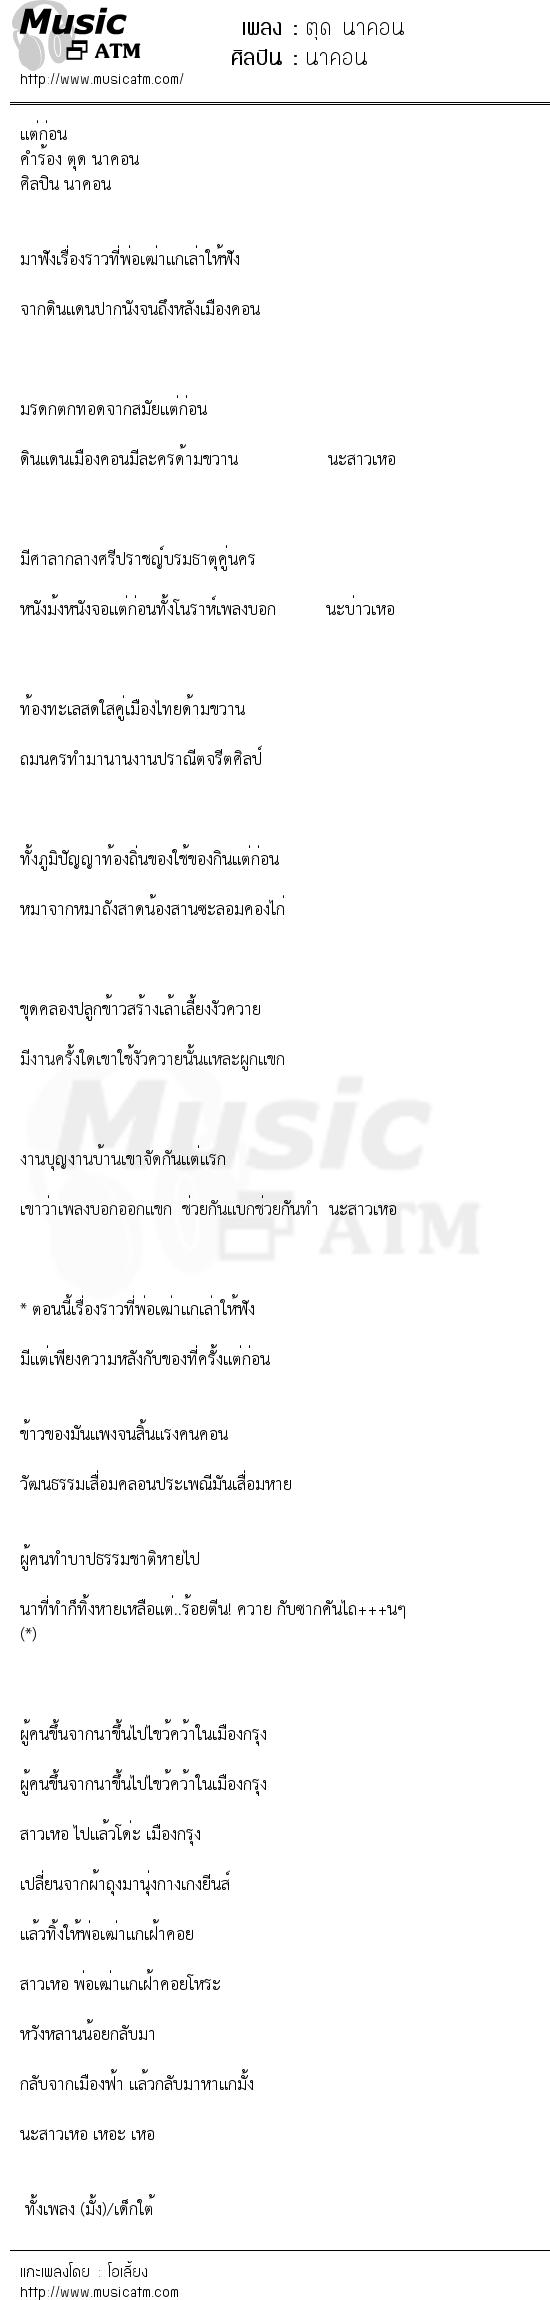 เนื้อเพลง ตุด นาคอน - นาคอน | เพลงไทย